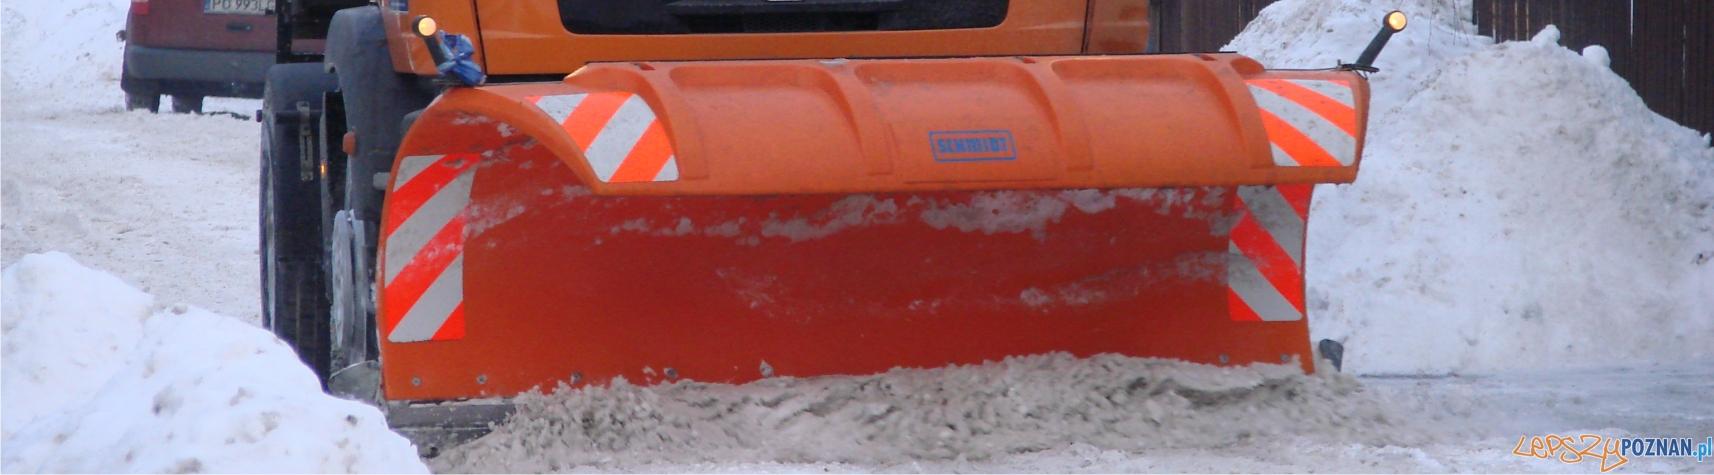 panorama pług  Foto: lepszyPOZNAN.pl / ag